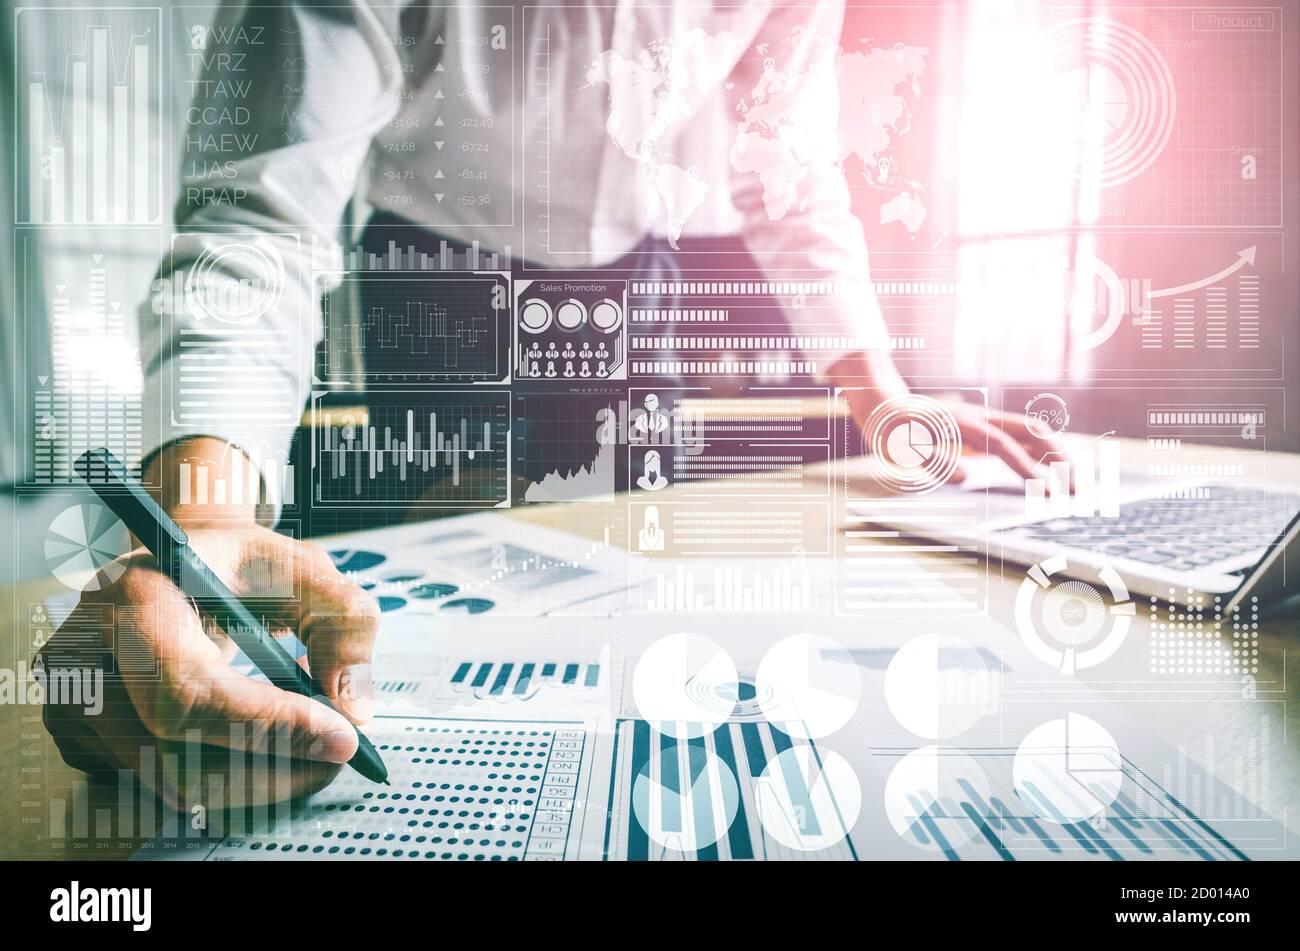 Analyse des données pour l'administration et des Finances Concept. Interface graphique montrant l'avenir de la technologie de l'ordinateur de profit, d'analyse et de recherche marketing en ligne Banque D'Images